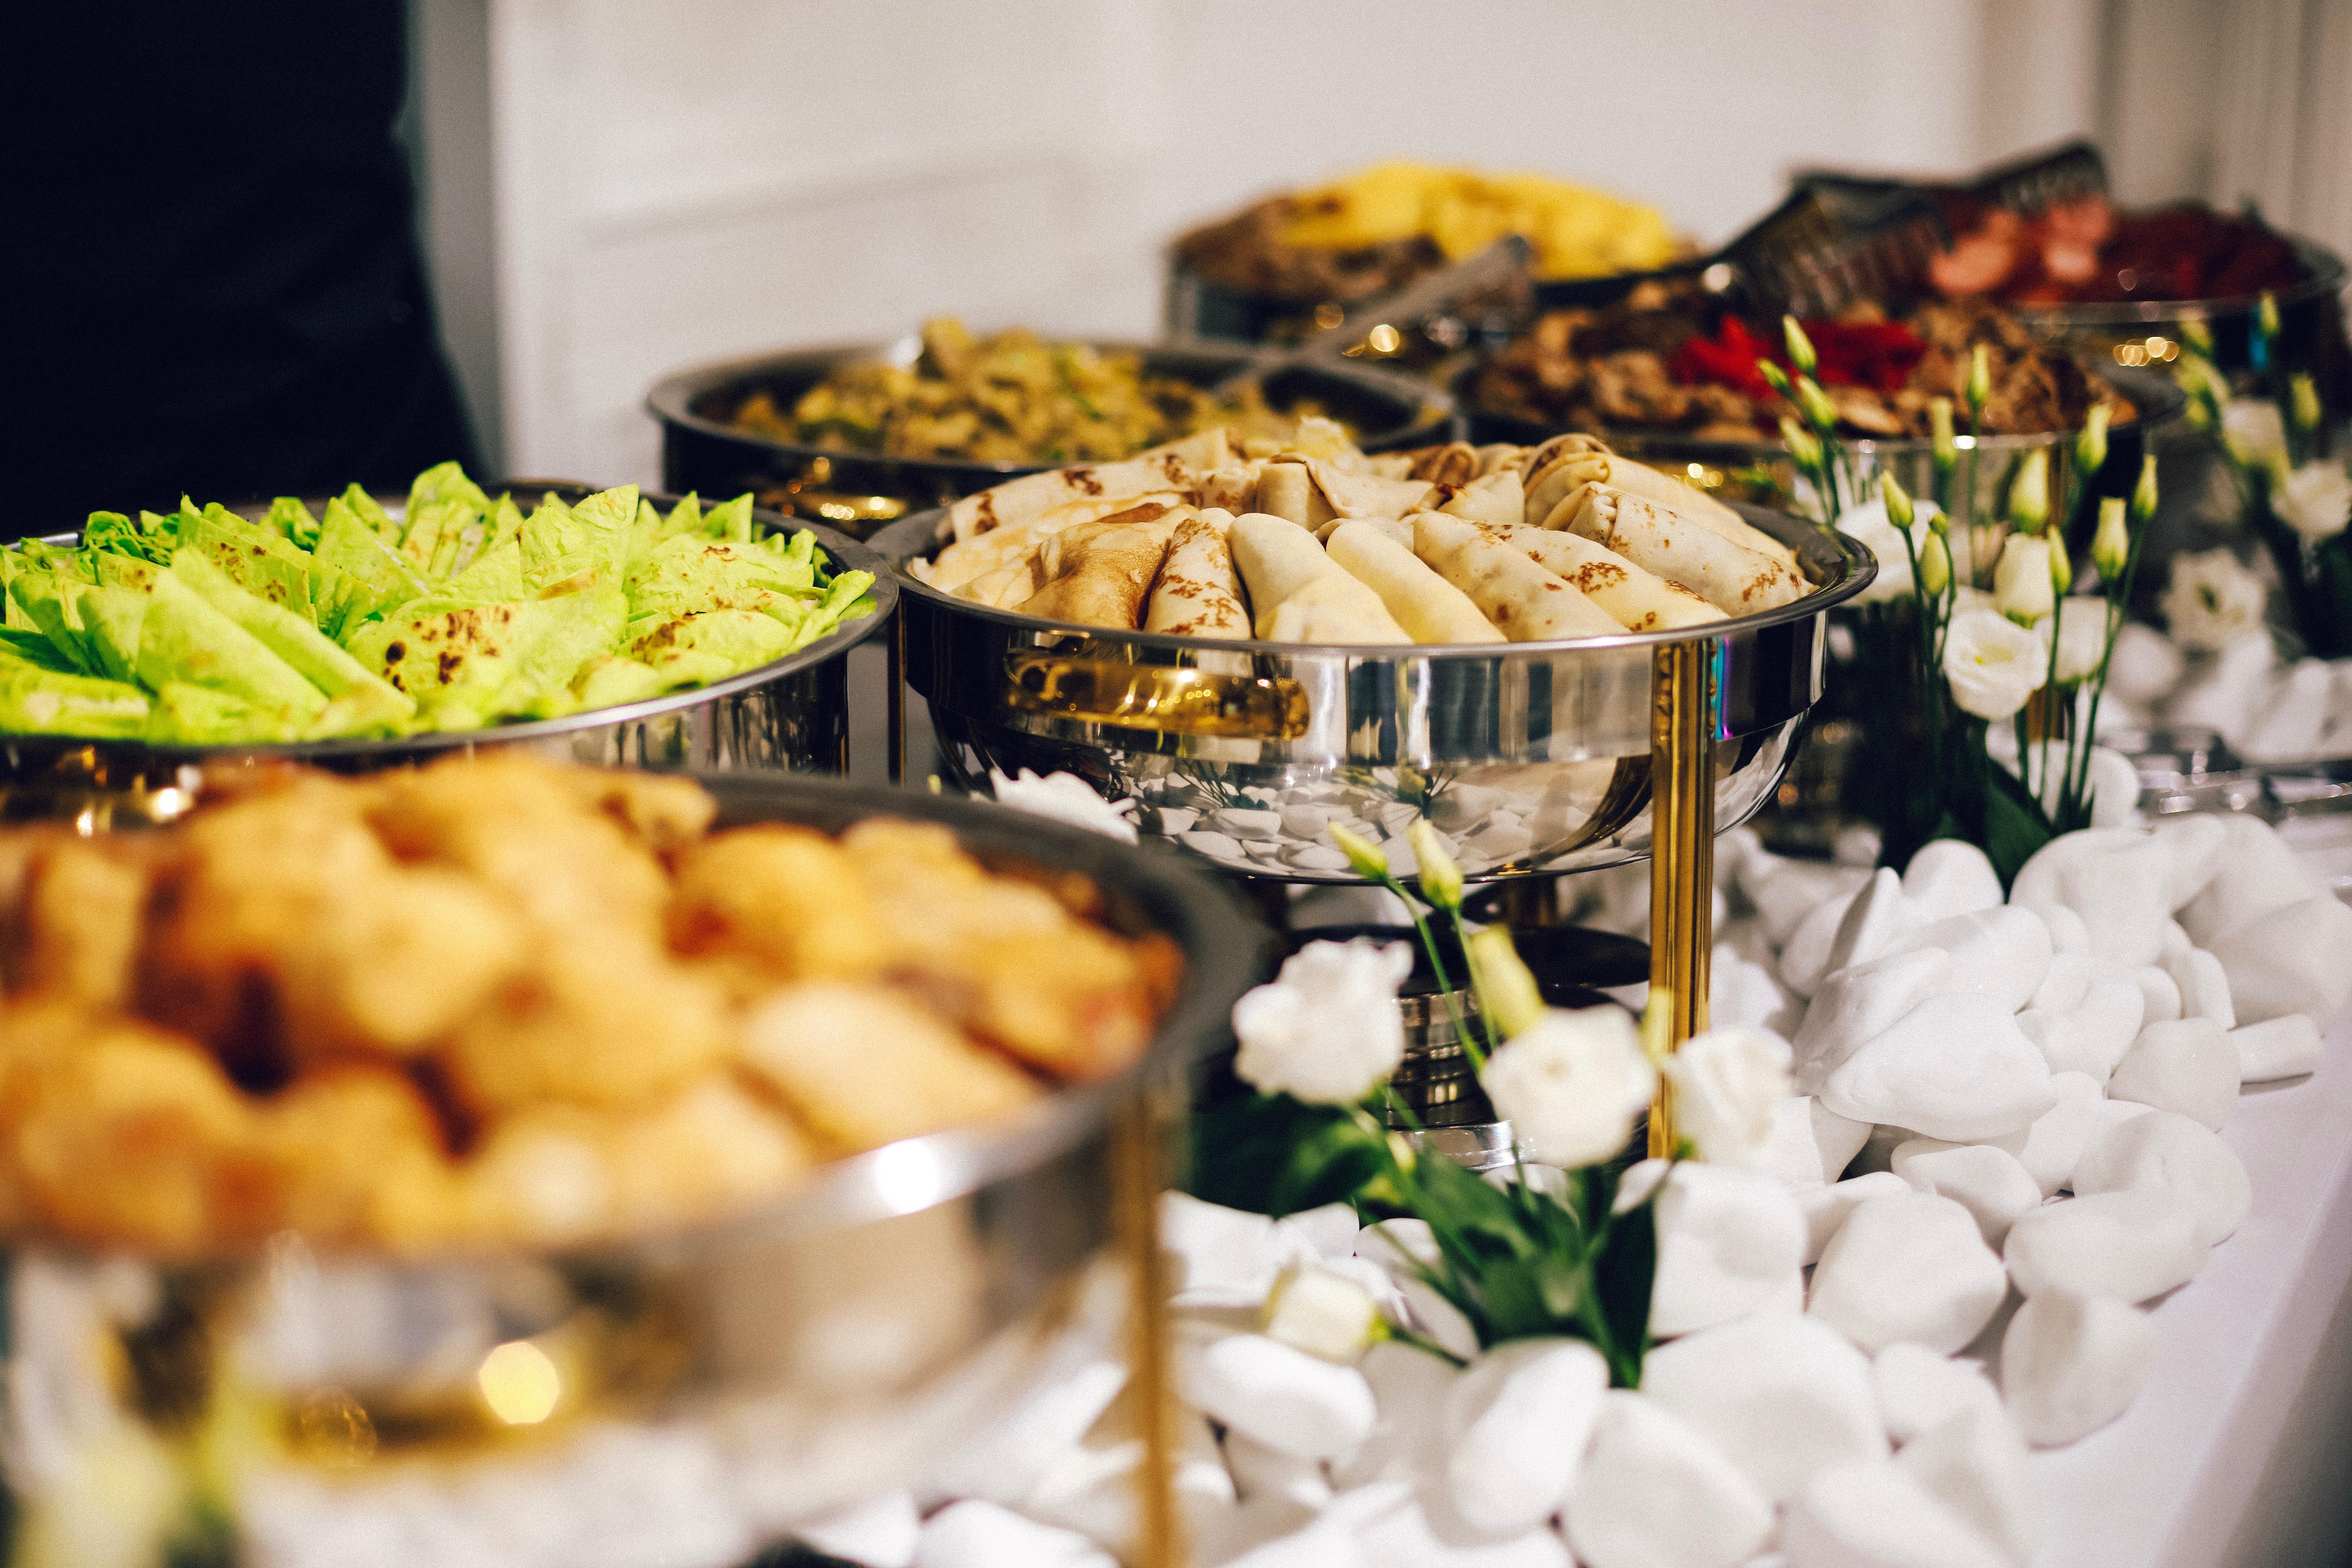 Ocean tableのランチビュッフェが大人気!料金やディナーメニューも!